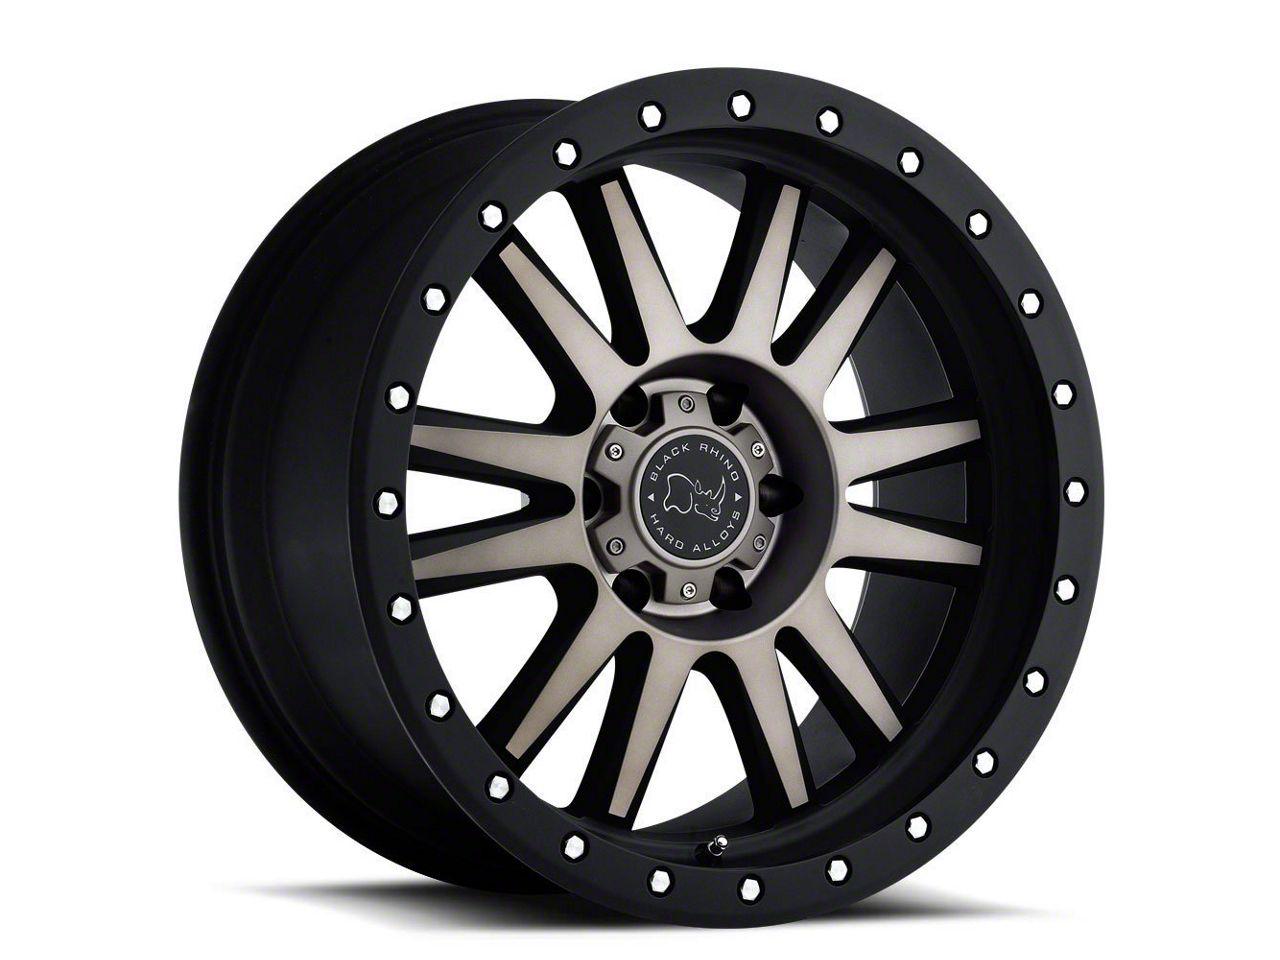 Black Rhino Tanay Matte Black Machined 6-Lug Wheel - 17x9 (99-18 Silverado 1500)